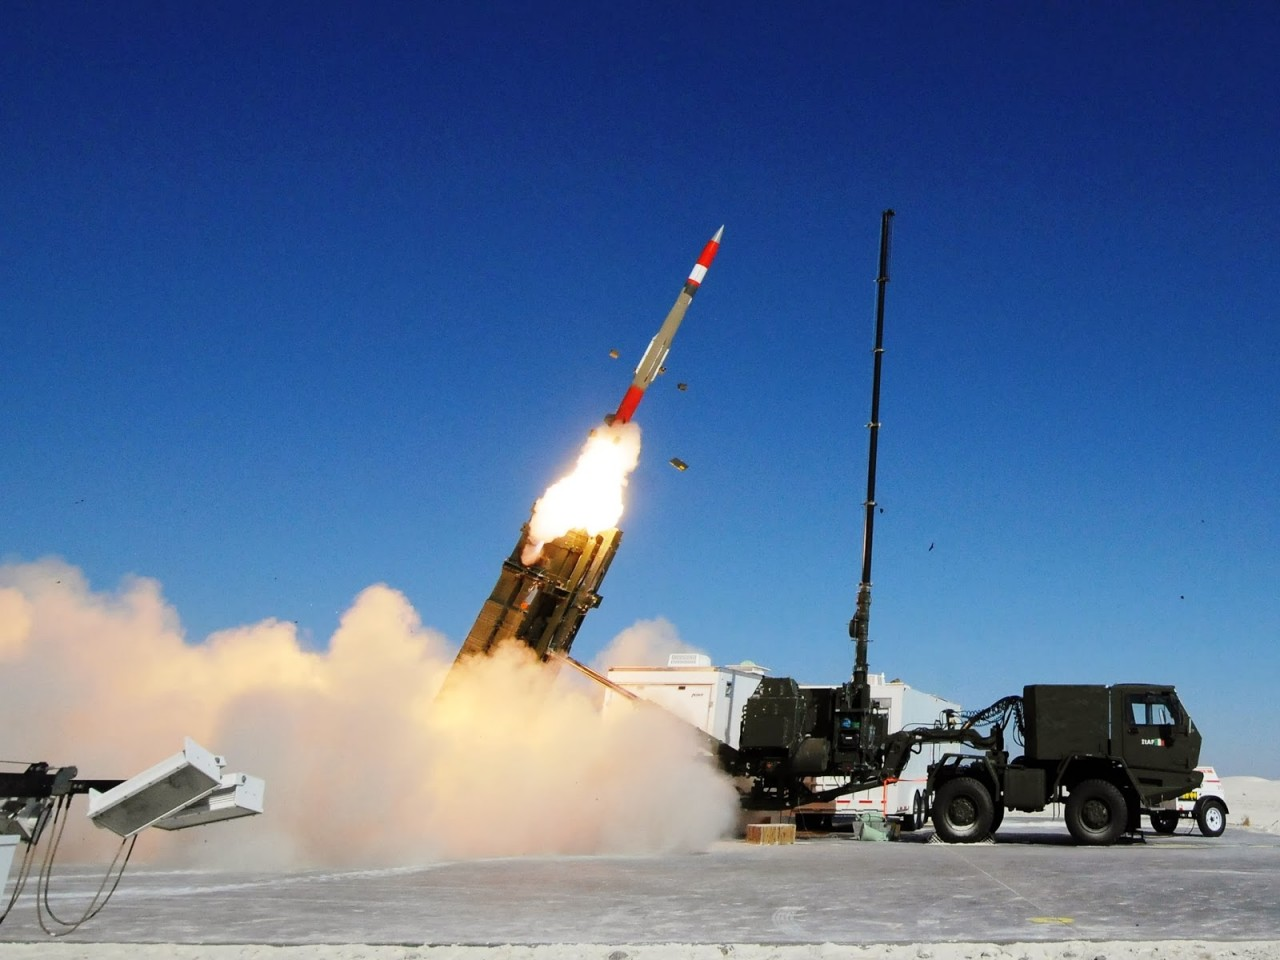 Γαλλικούς hi tech πυραύλους θέλει η Τουρκία…